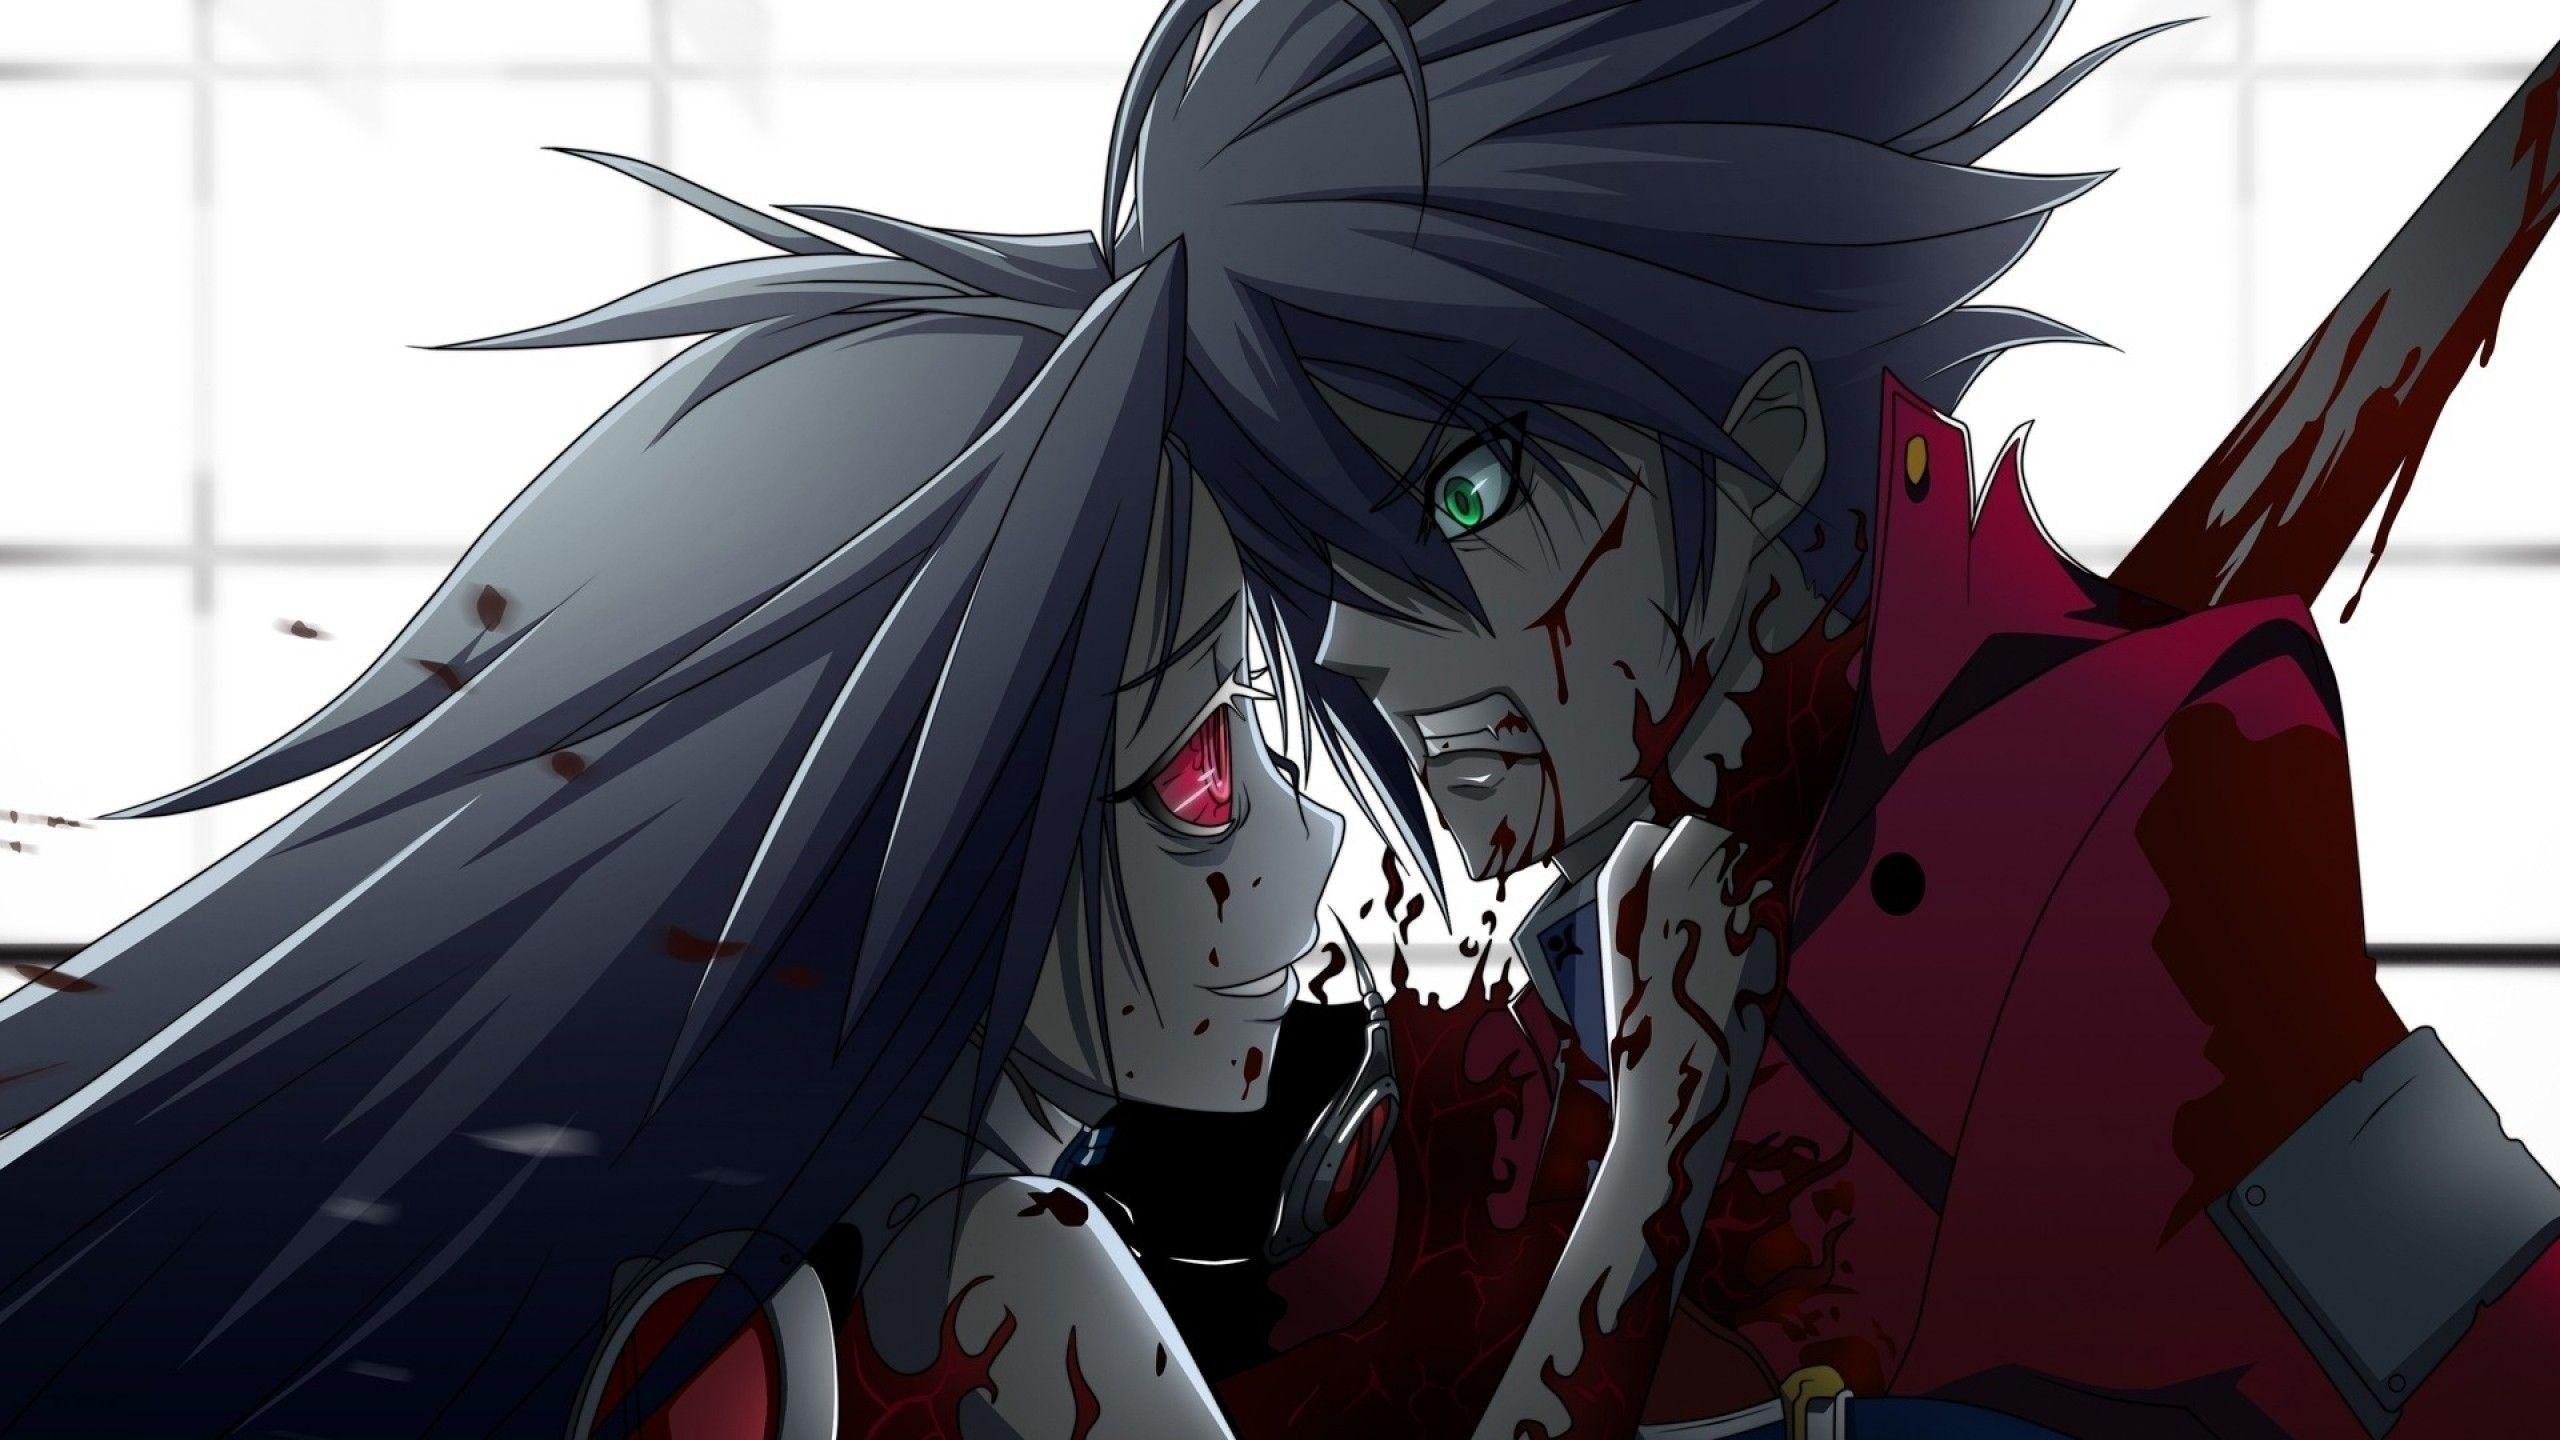 Lovely Gore Anime Wallpaper di 2020